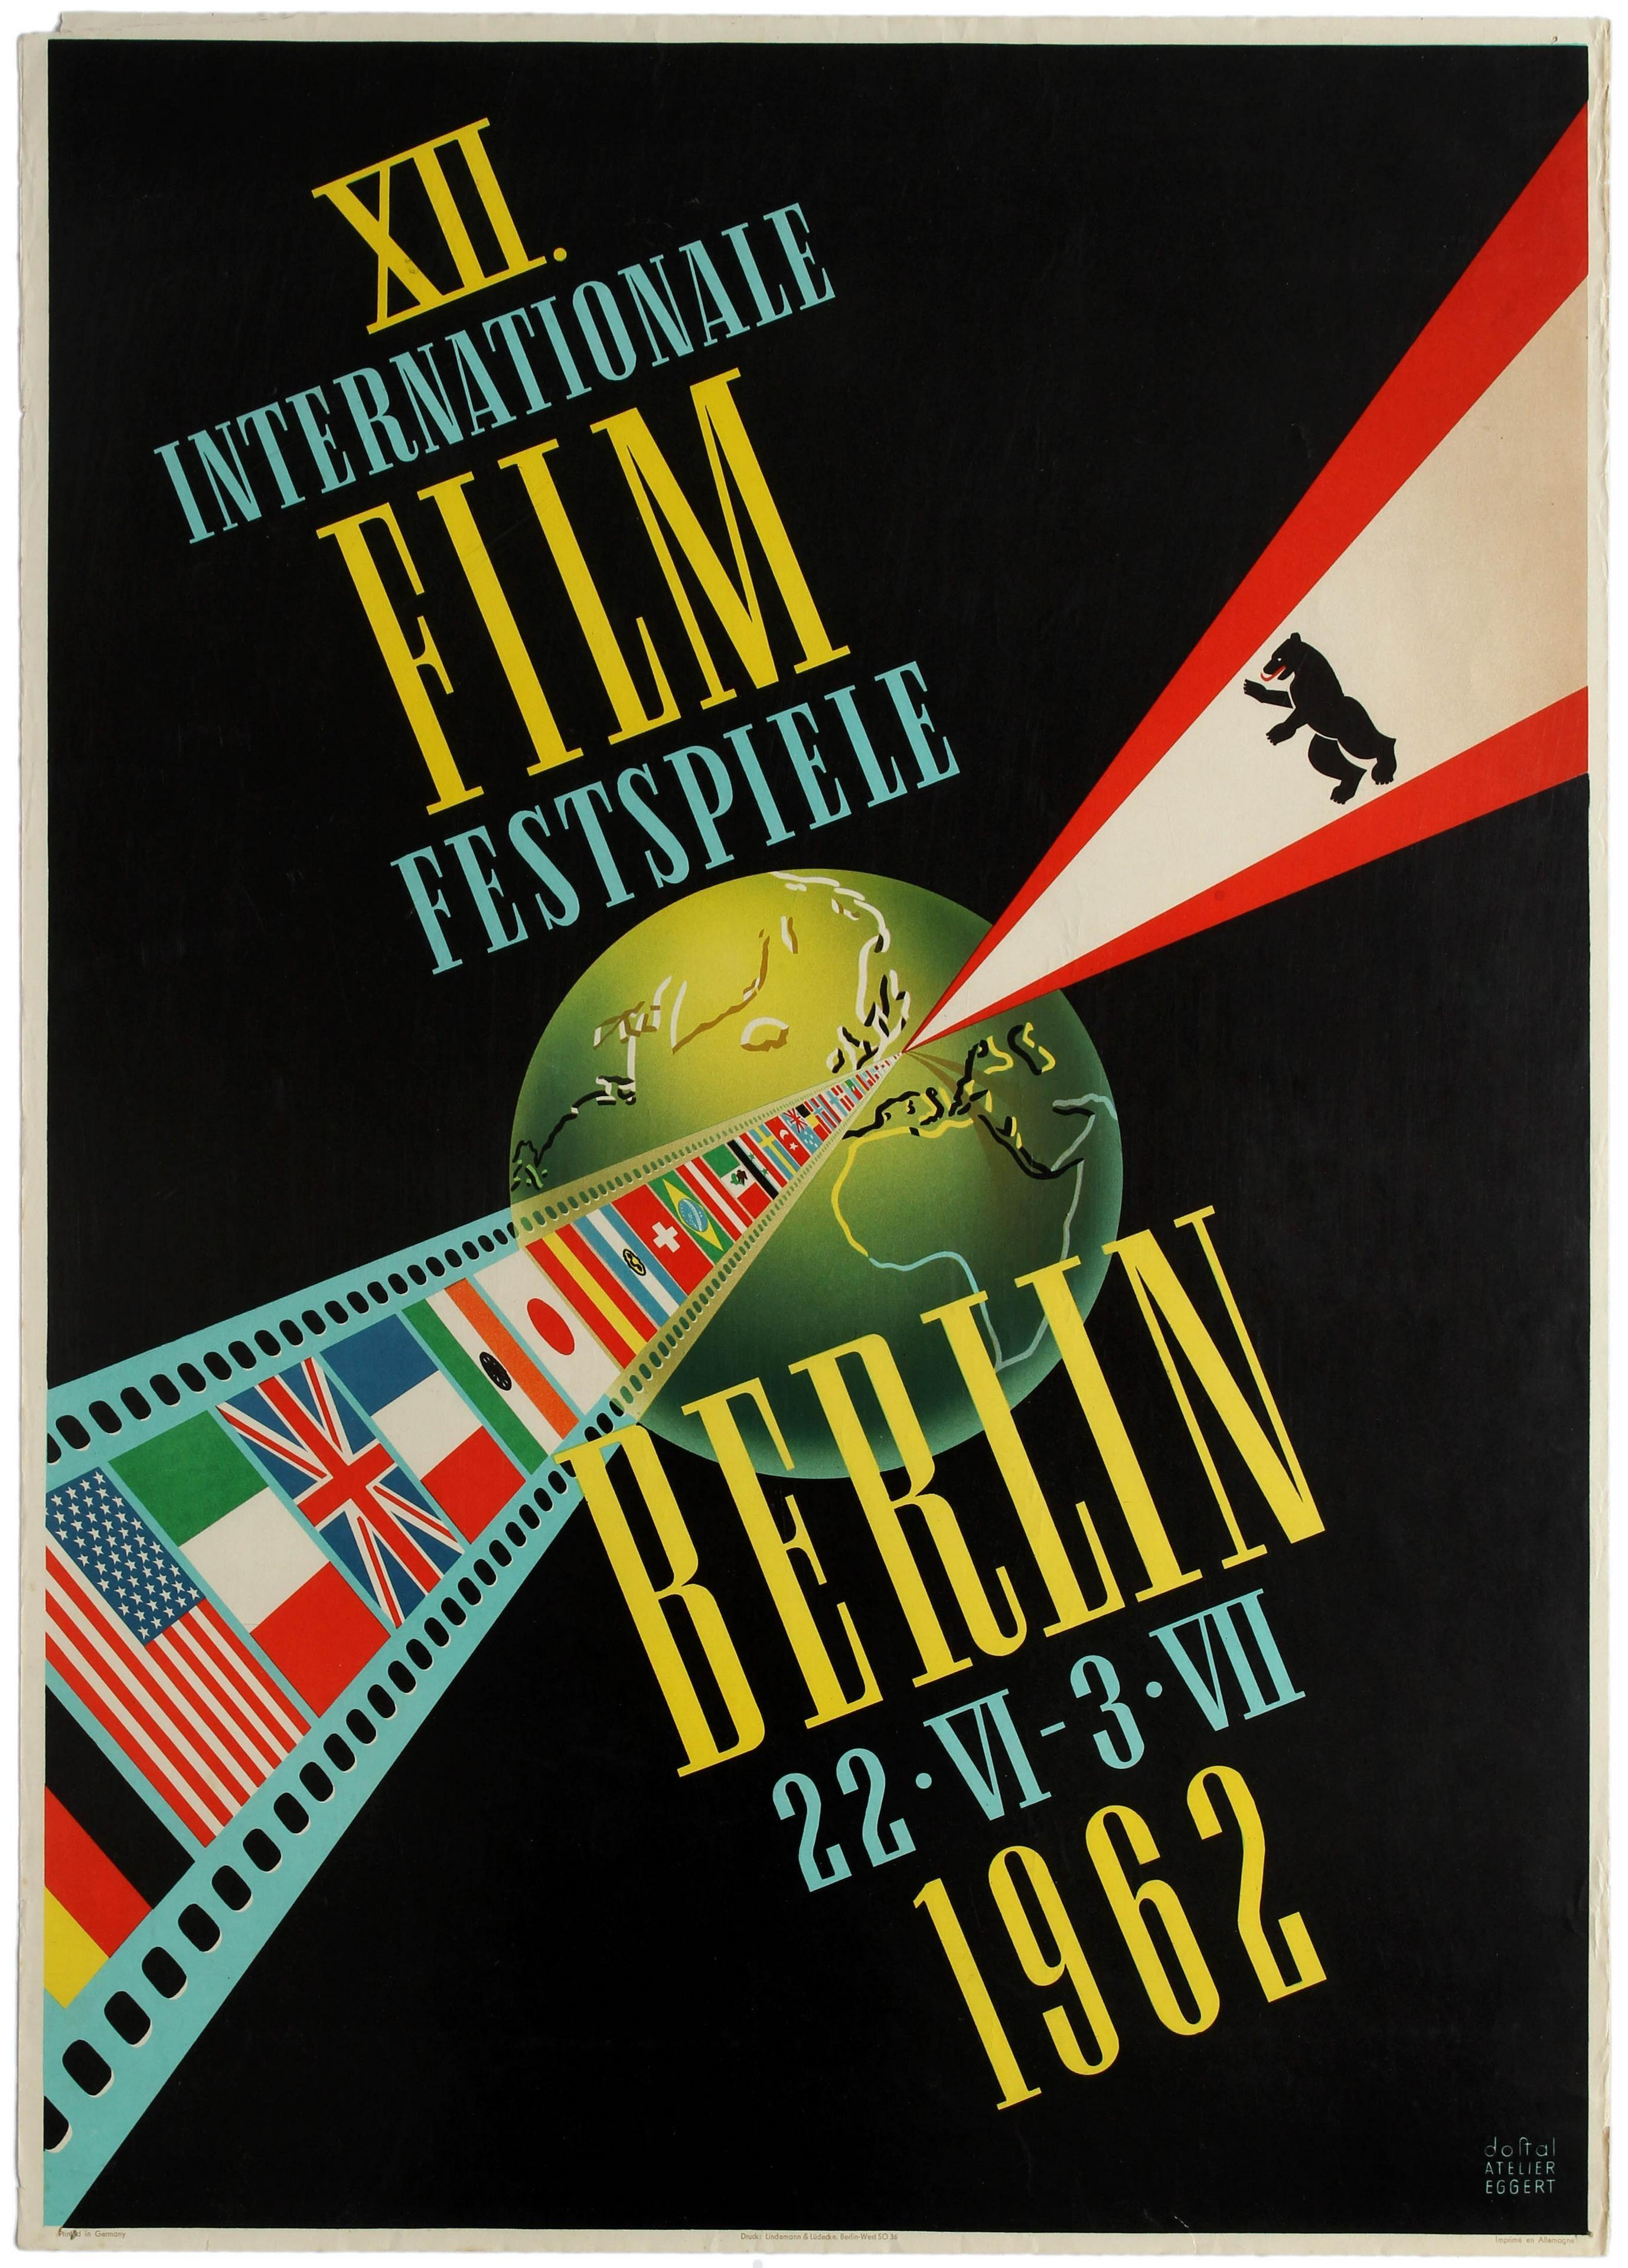 7 Berlin Film Festival 1962 AntikBar Vintage Posters Auction 25April2020